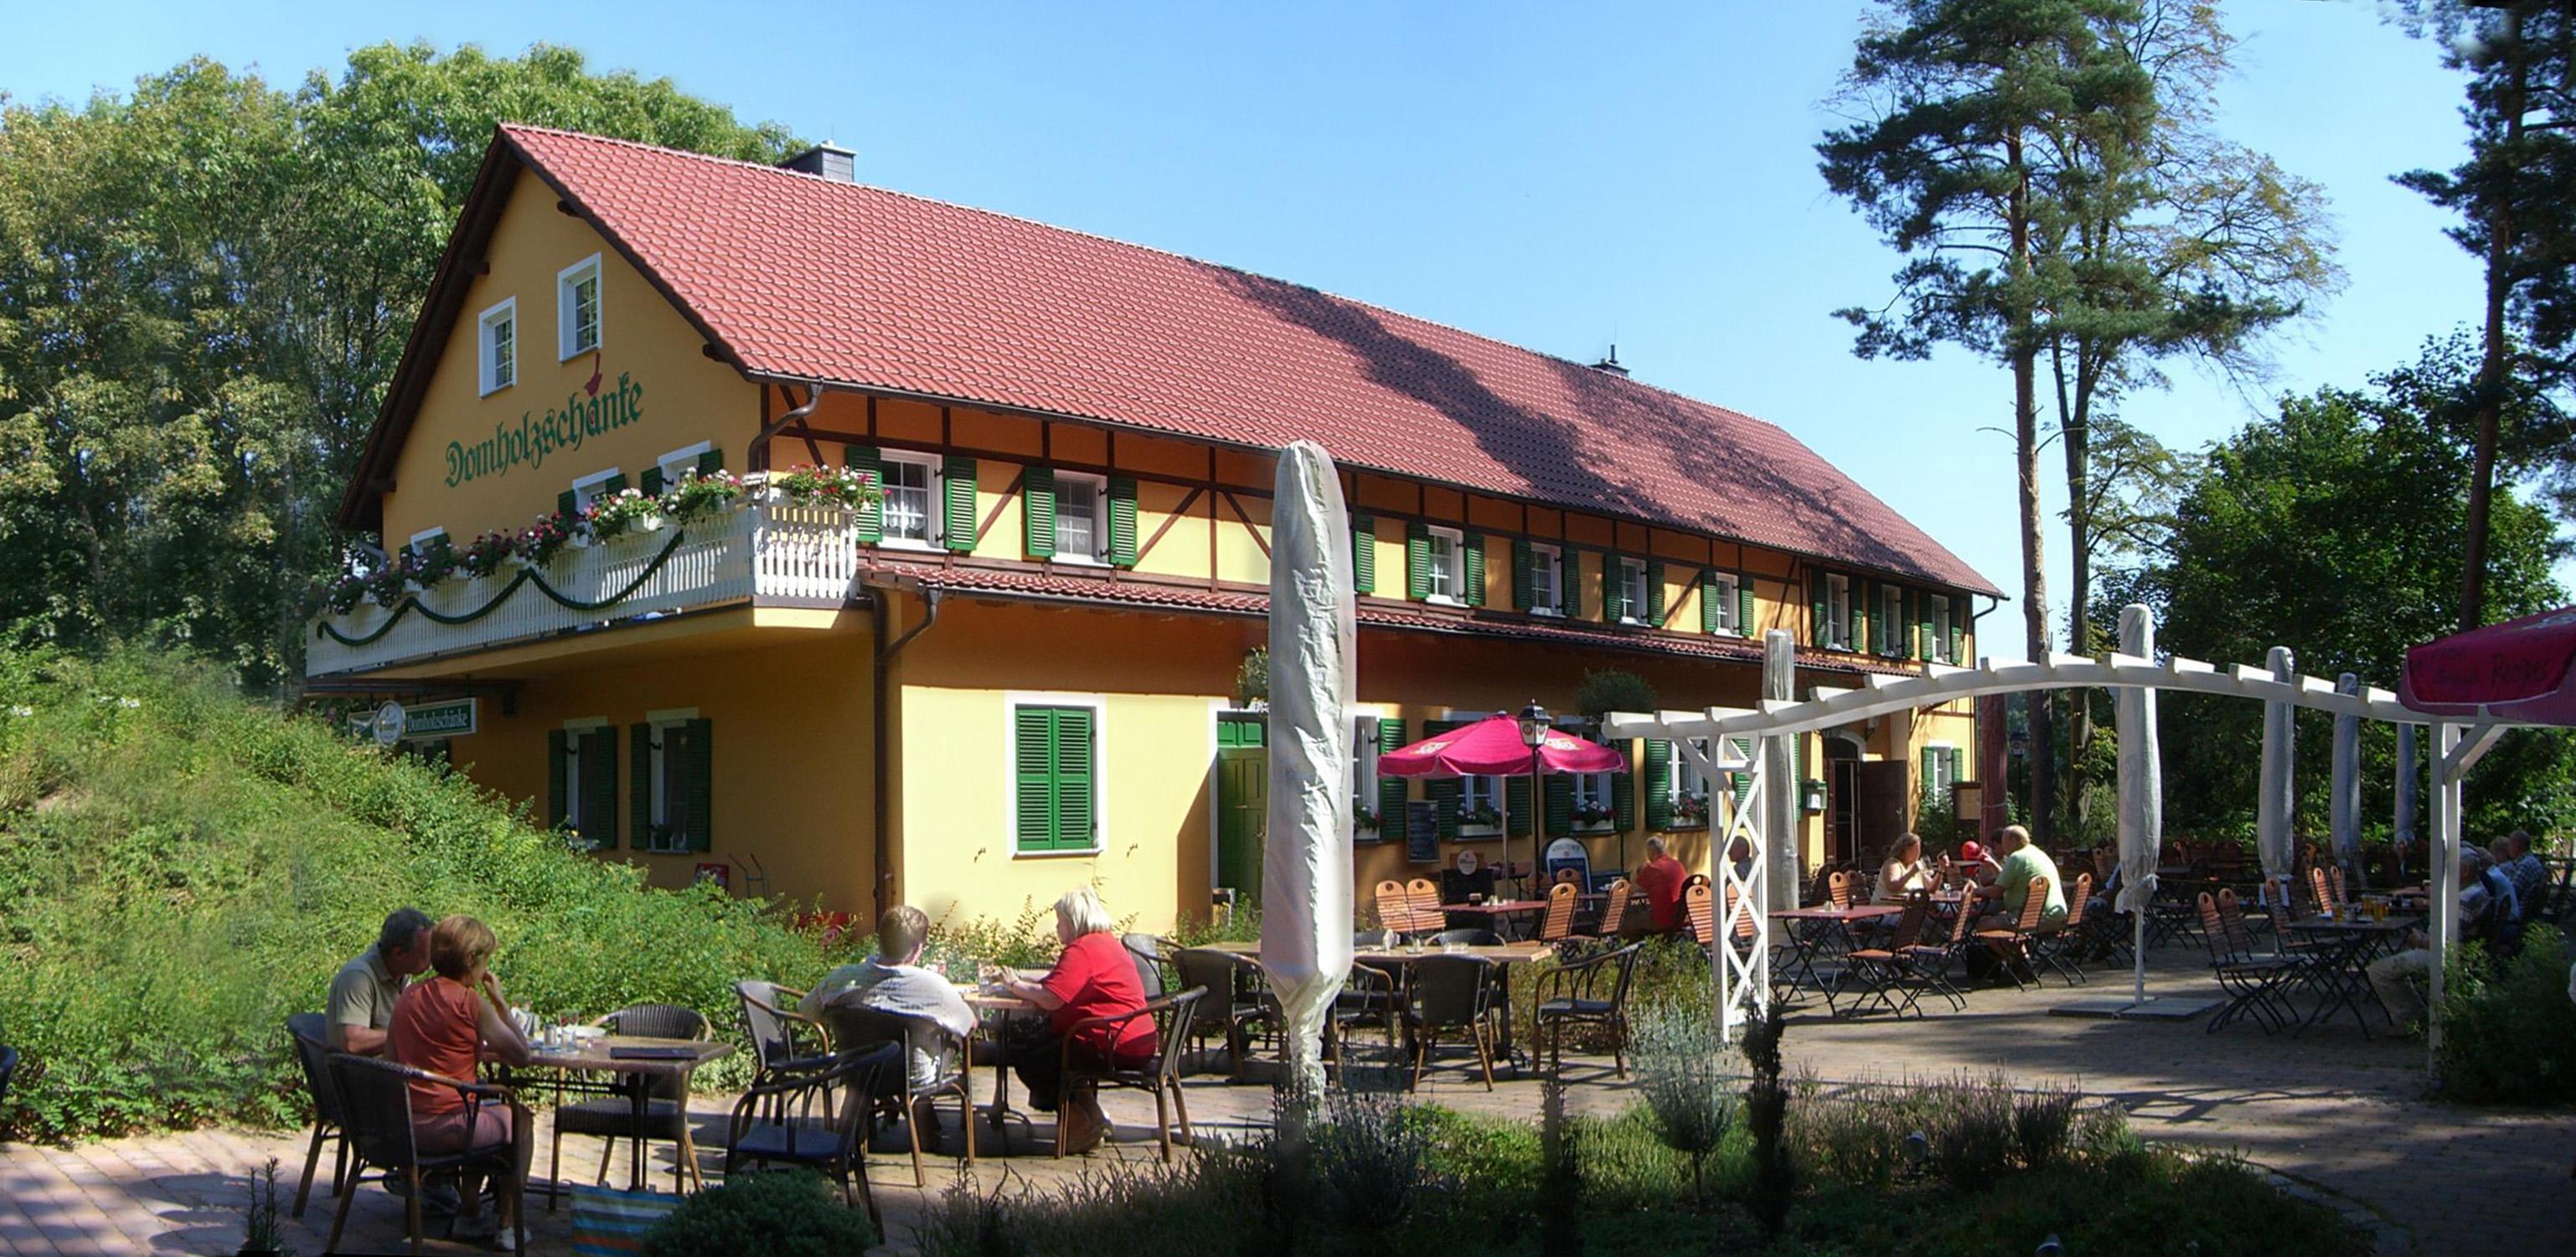 Datei:Domholzschänke.jpg – Wikipedia